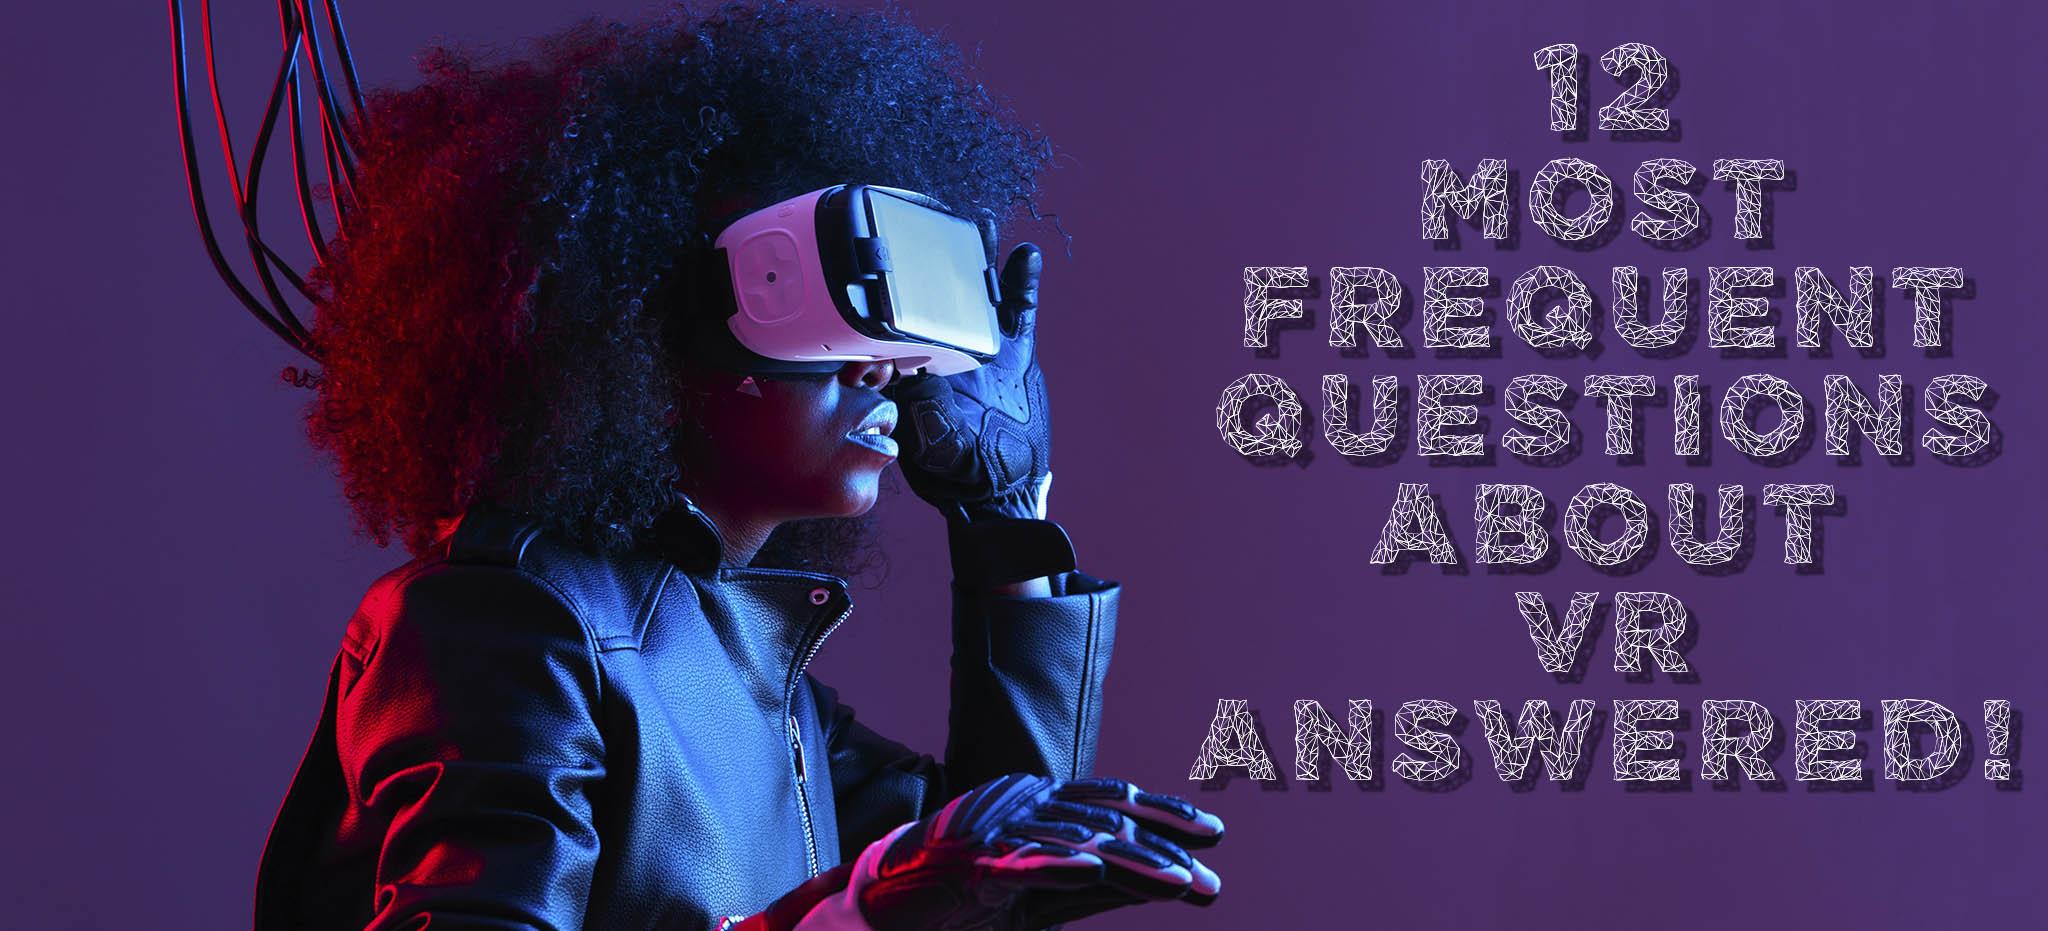 Futuristic VR Woman